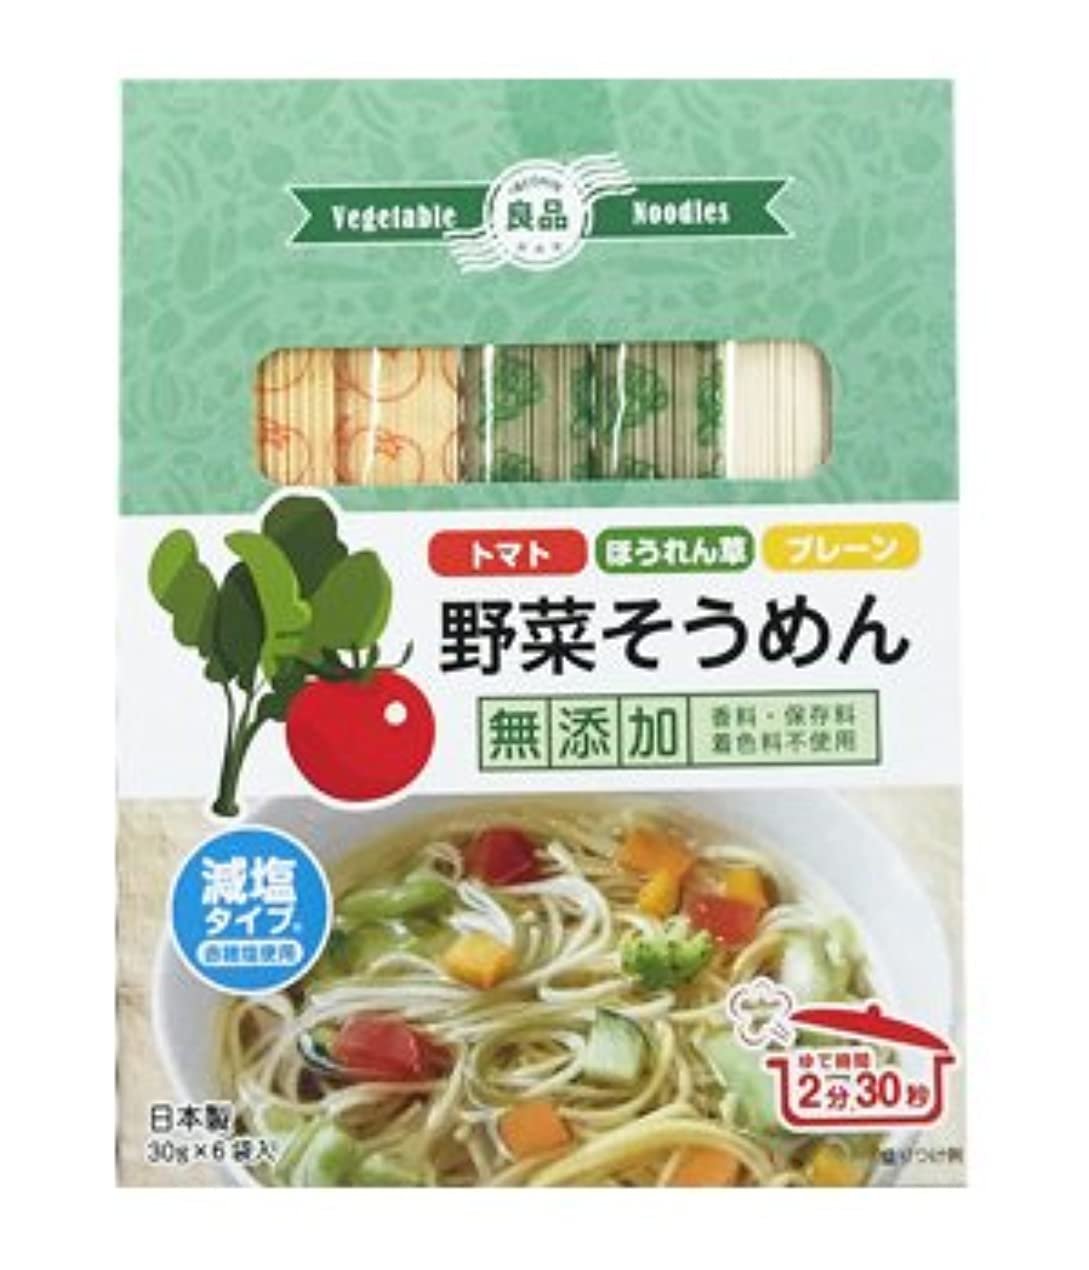 ペフバター海上良品 野菜そうめん(トマト?ほうれん草?プレーン) 30g×6袋入